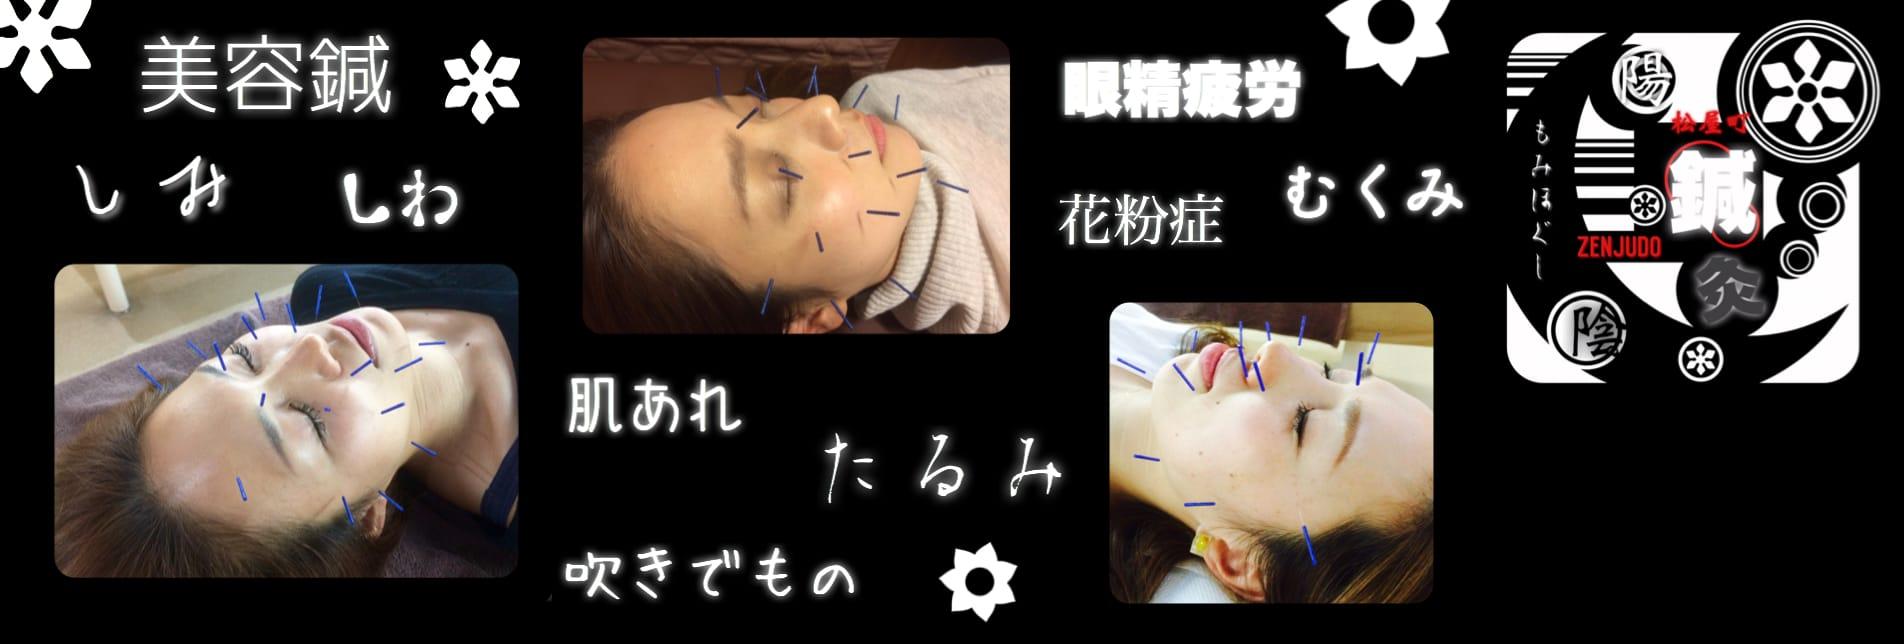 もみほぐし鍼灸療法 ~松屋町ZENJUDO~